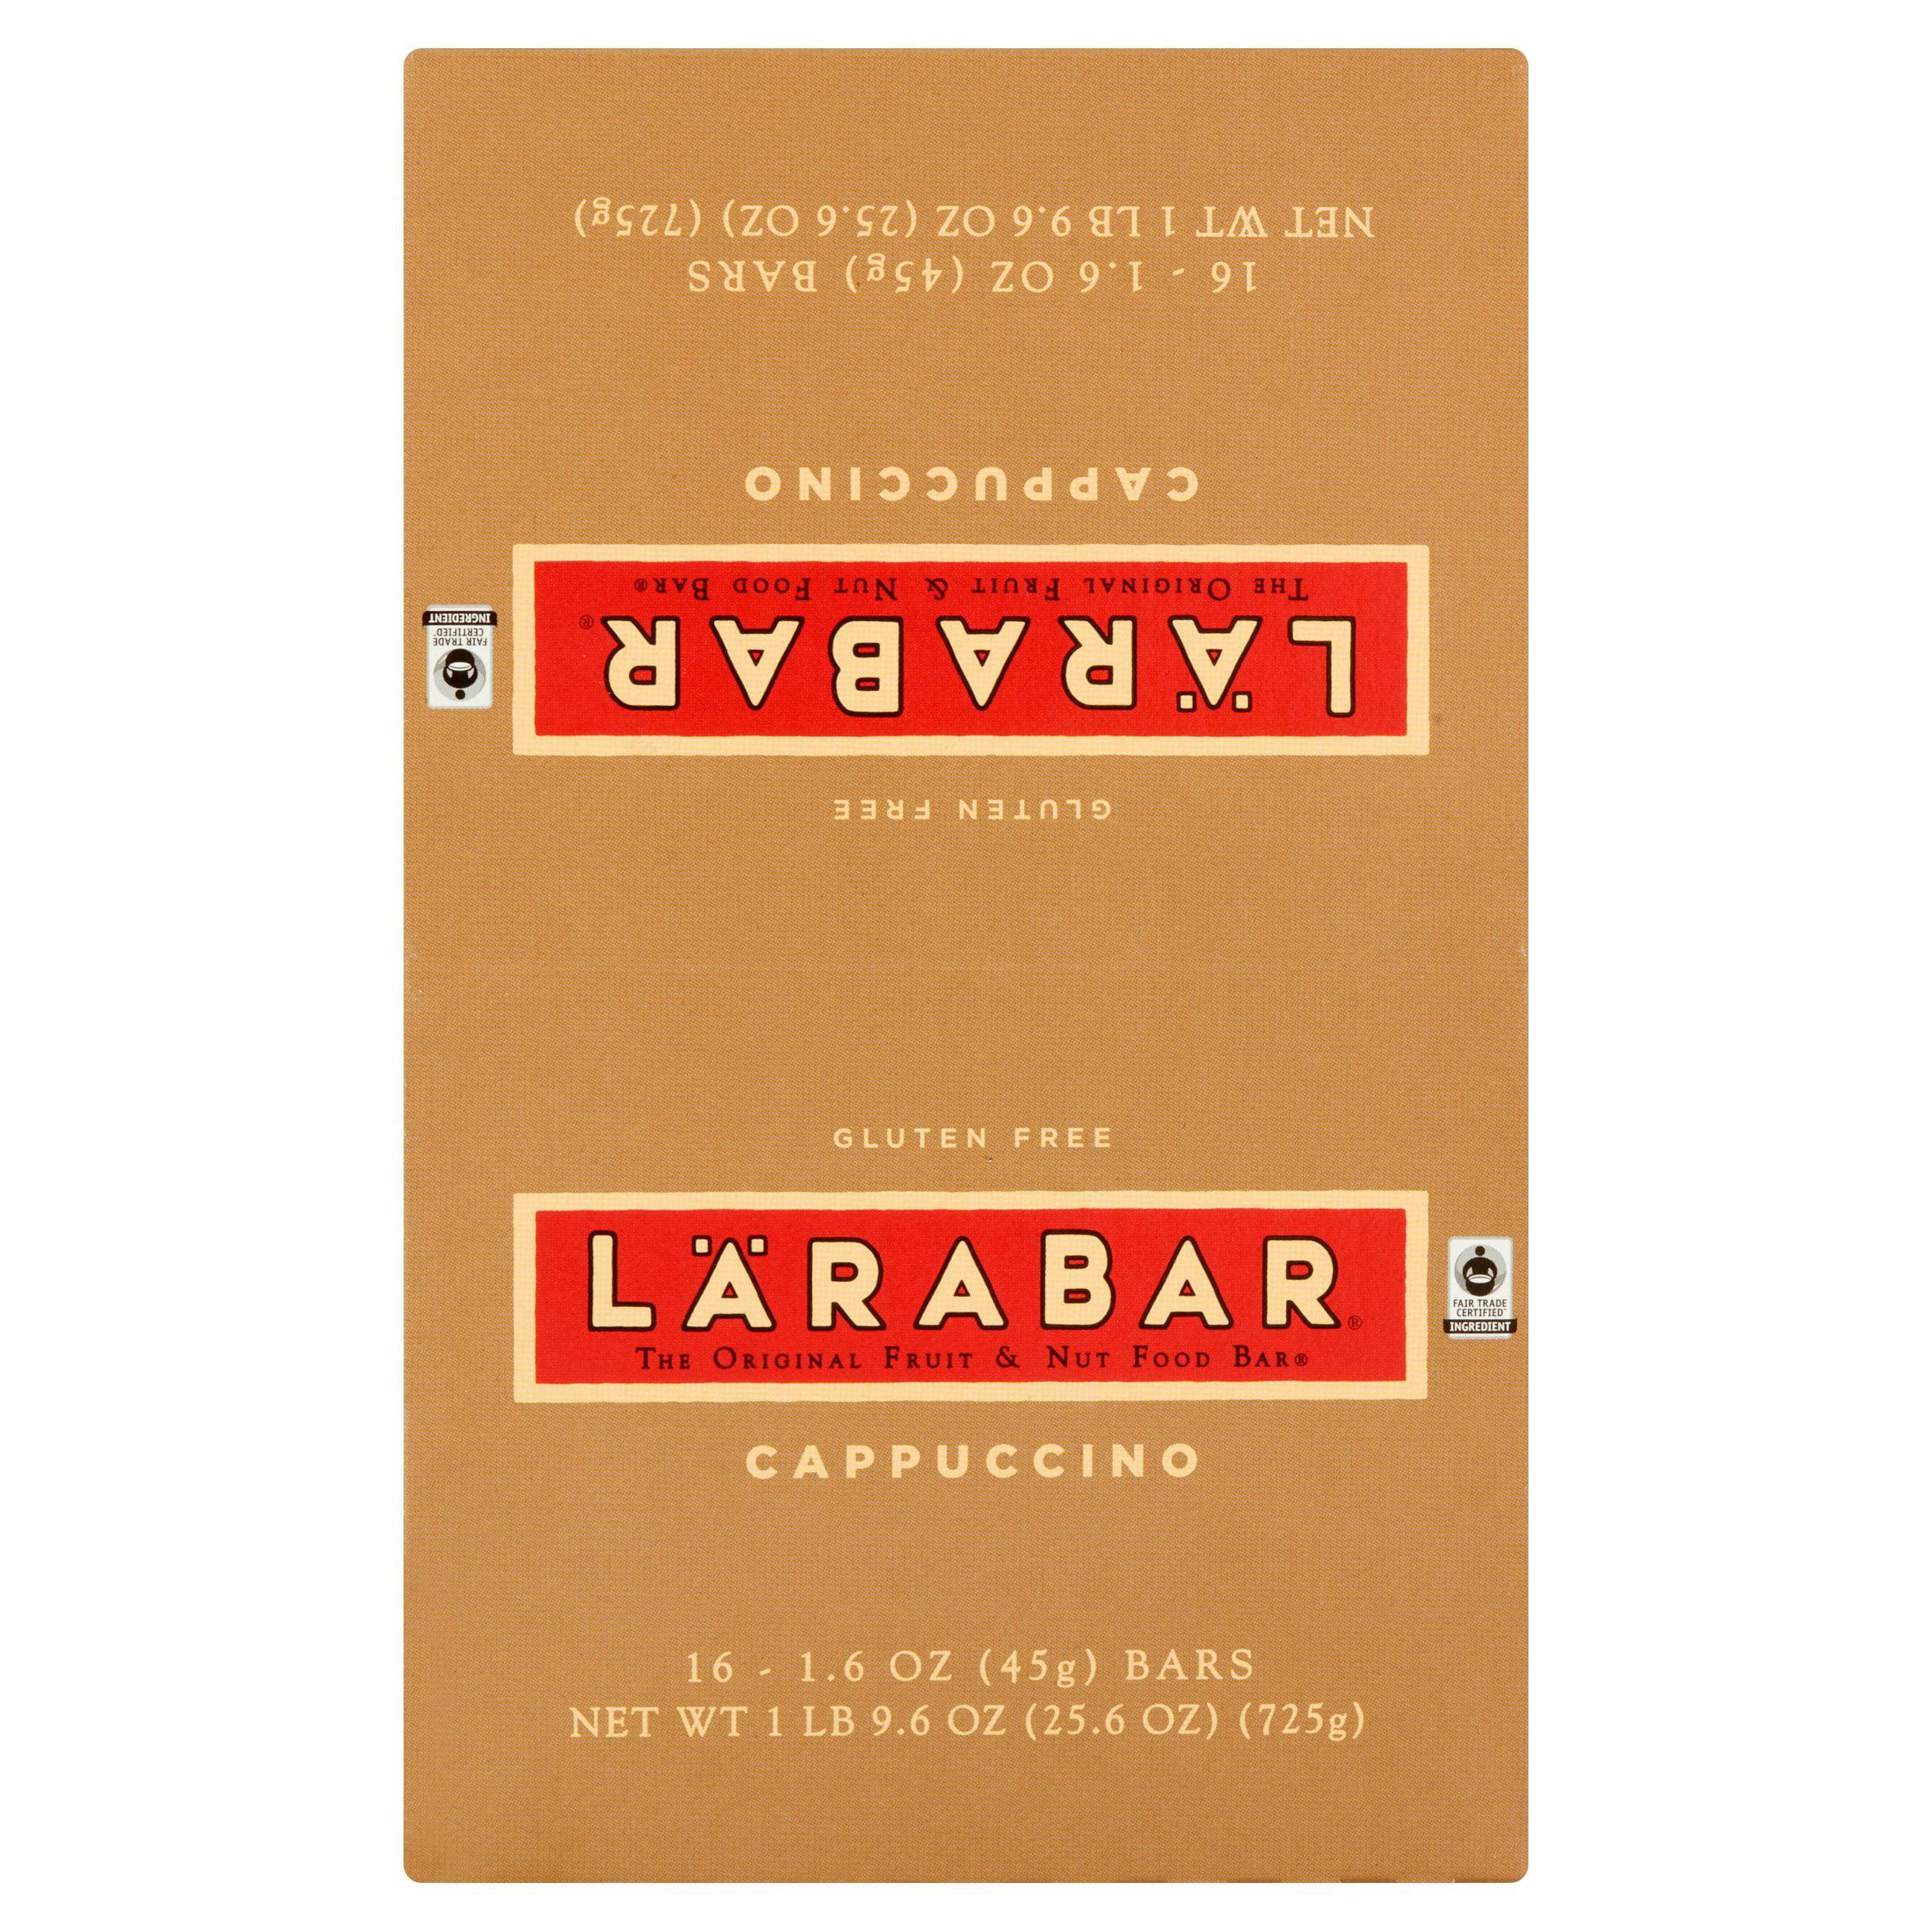 Lärabar Cappuccino Bars, 1.6 oz, 16 count